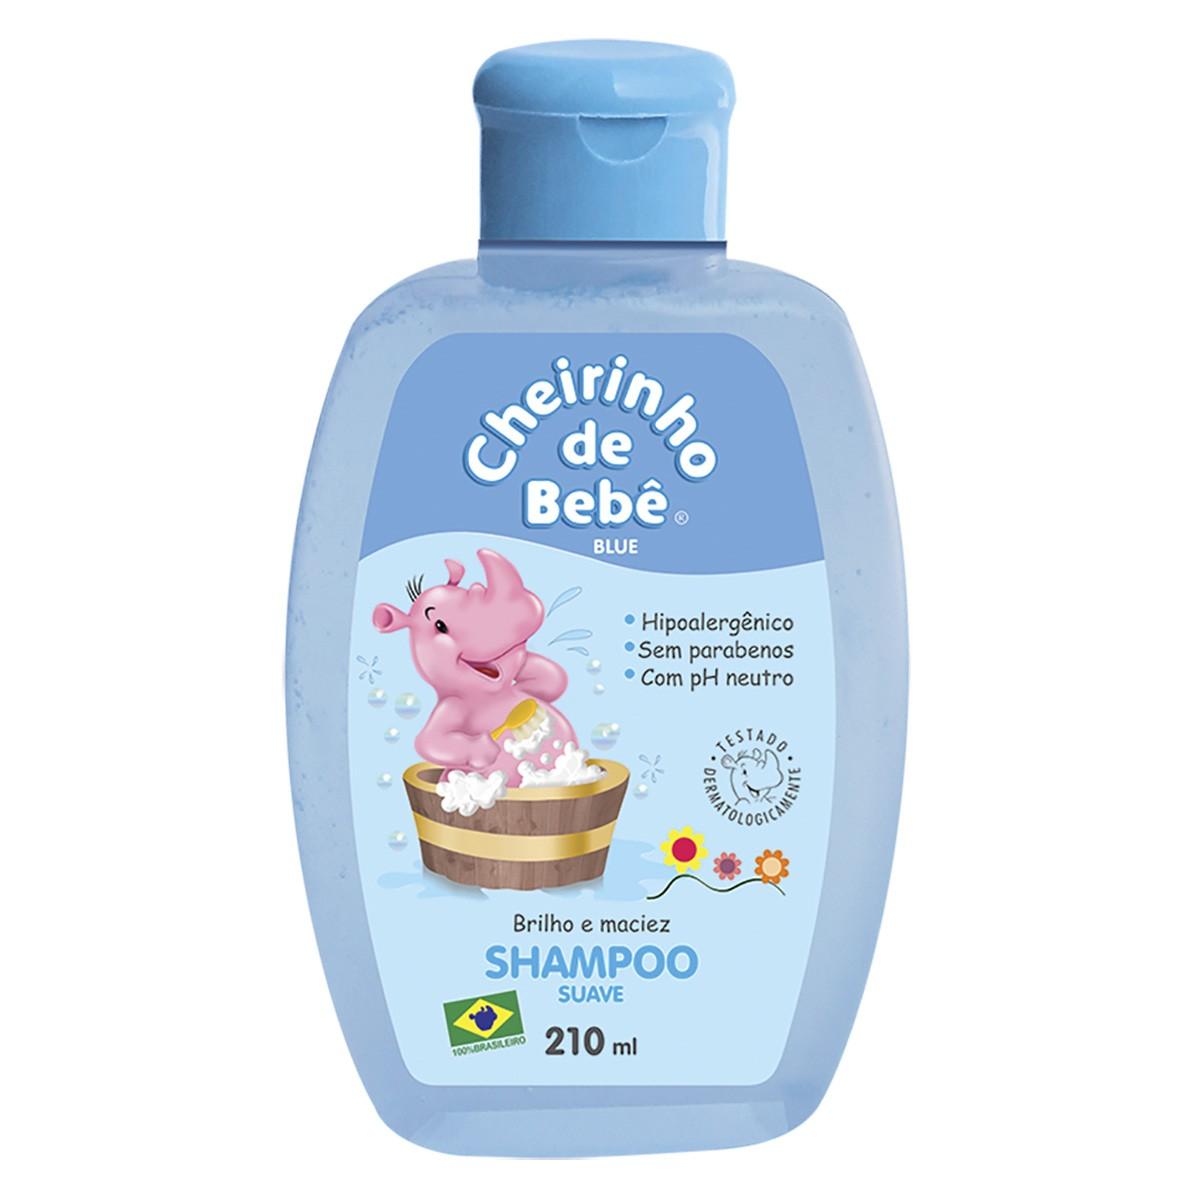 Shampoo Cheirinho de Bebê Blue 210ml